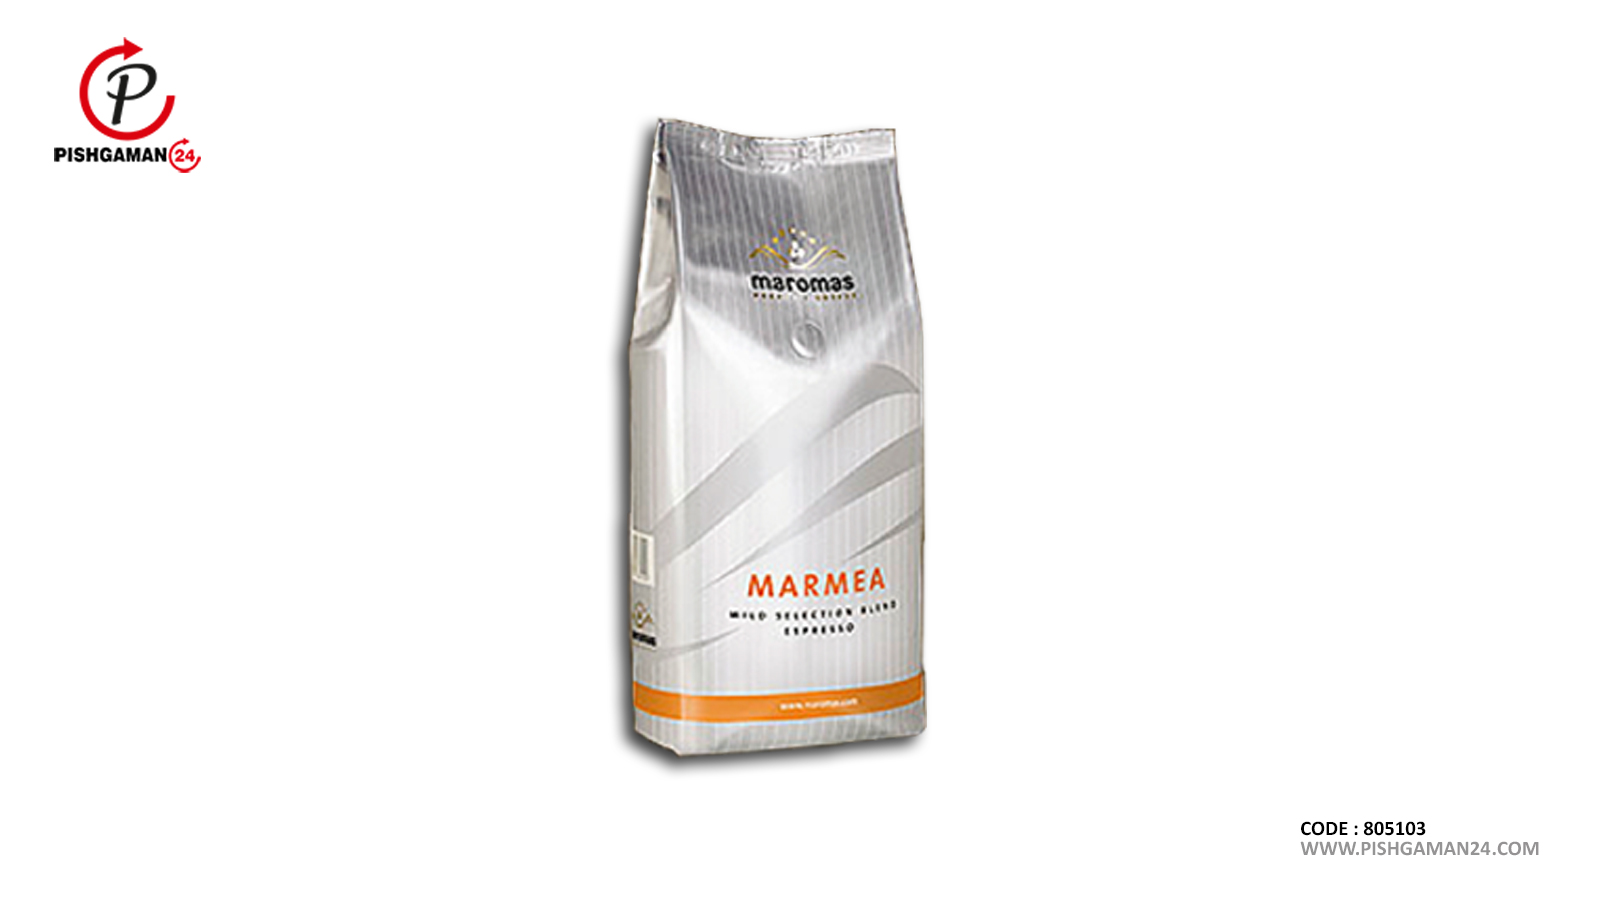 قهوه اسپرسو مارمیا ( دانه ) - ماروماس سوئیس